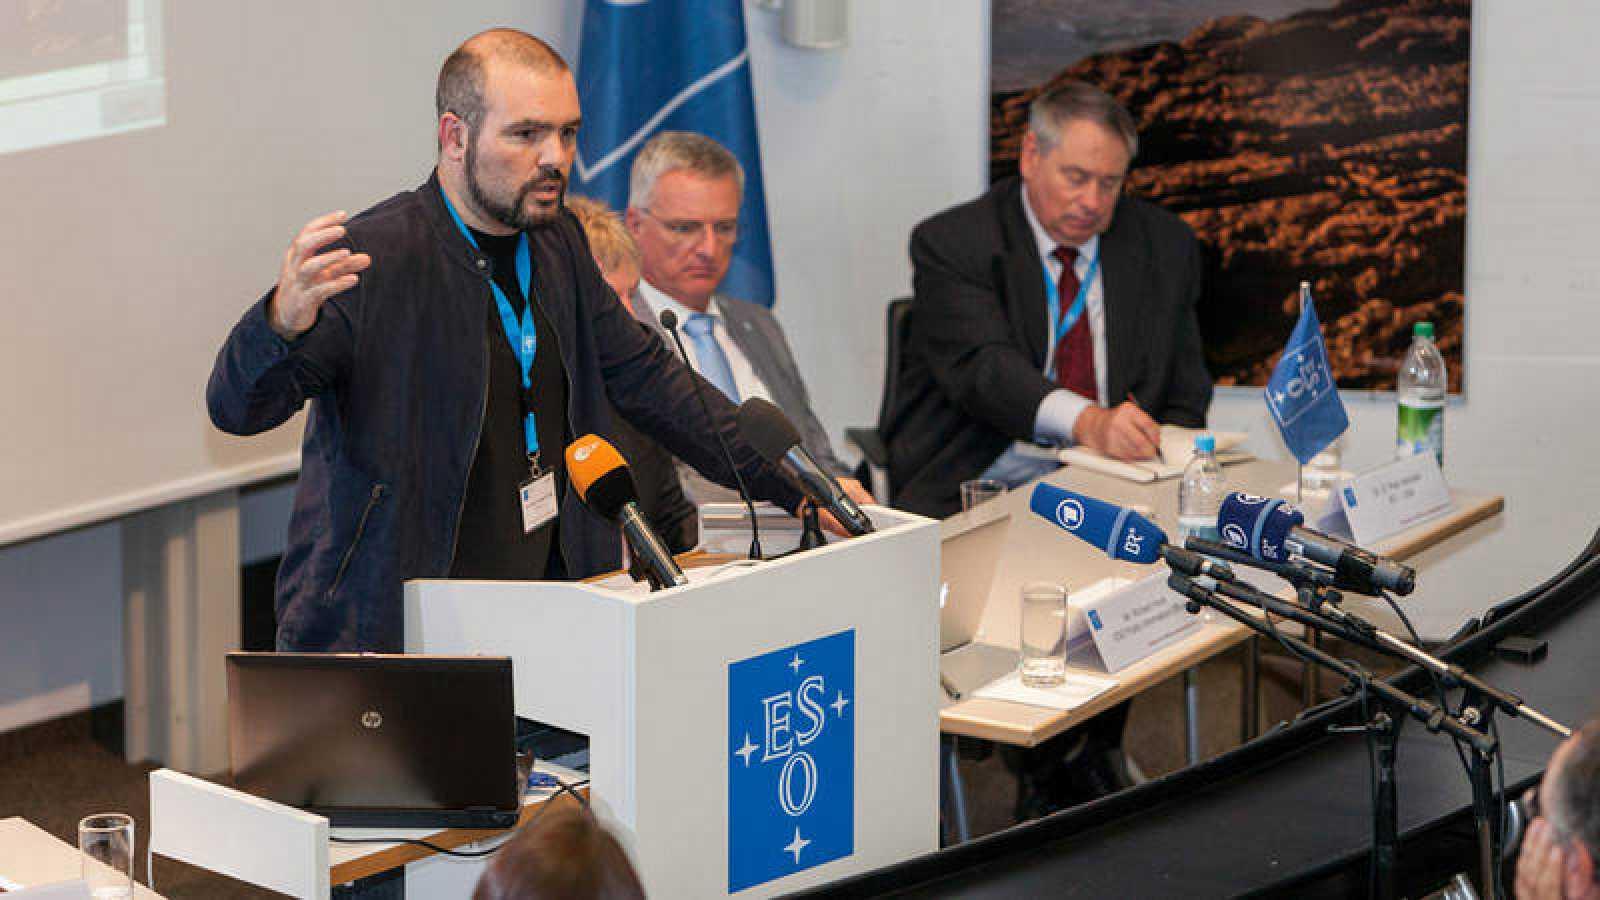 El profesor Guillem Anglada-Escudé, explicando el hallazgo del planeta Próxima b.